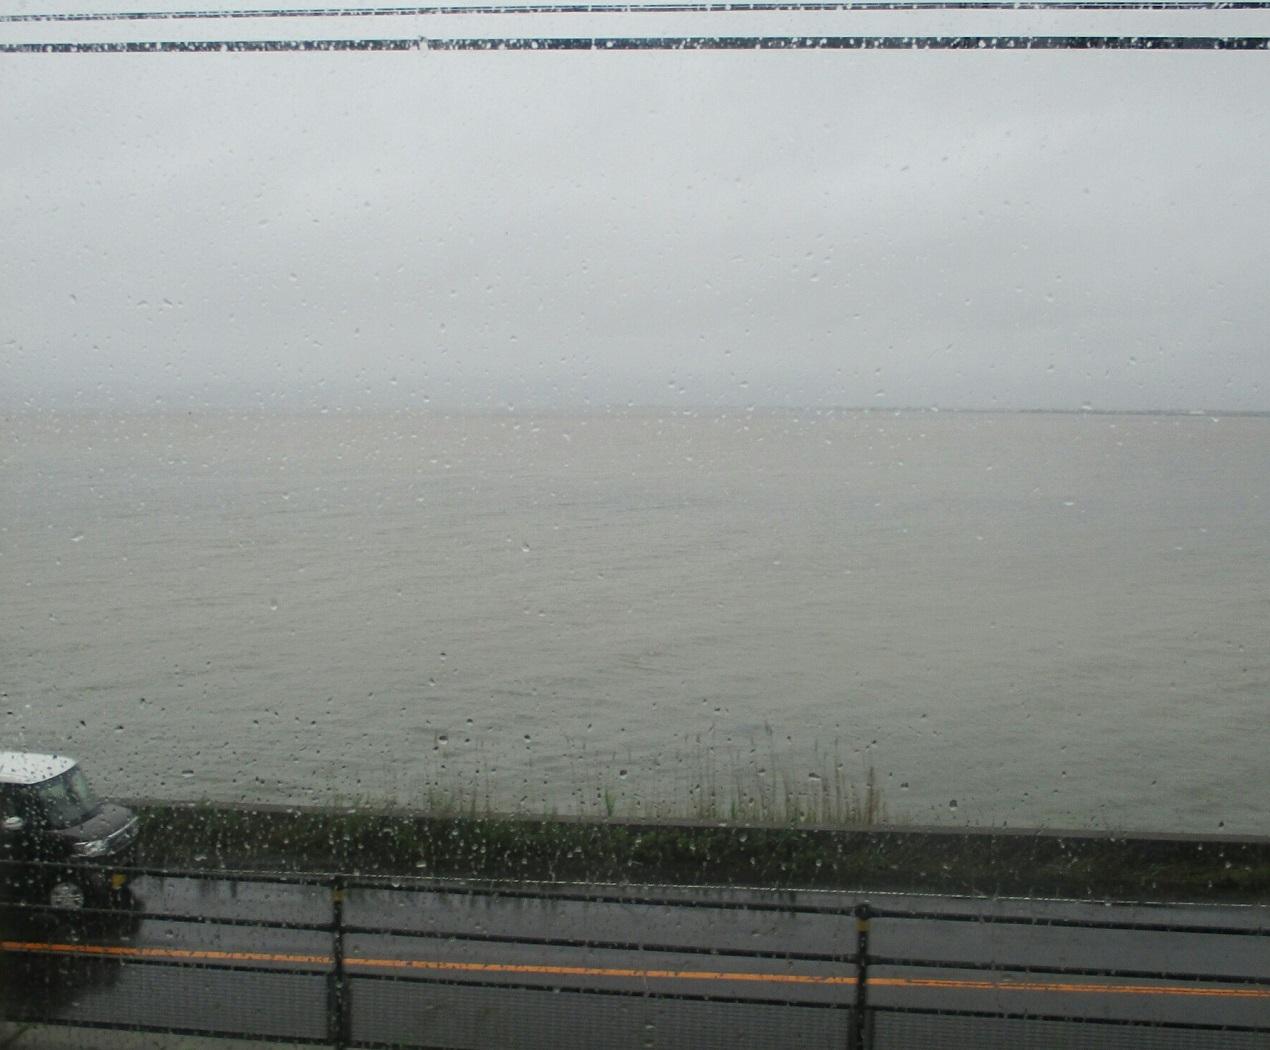 2018.7.6 (163) 松江しんじ湖温泉いきふつう - 一畑口-伊野灘間 1270-1050